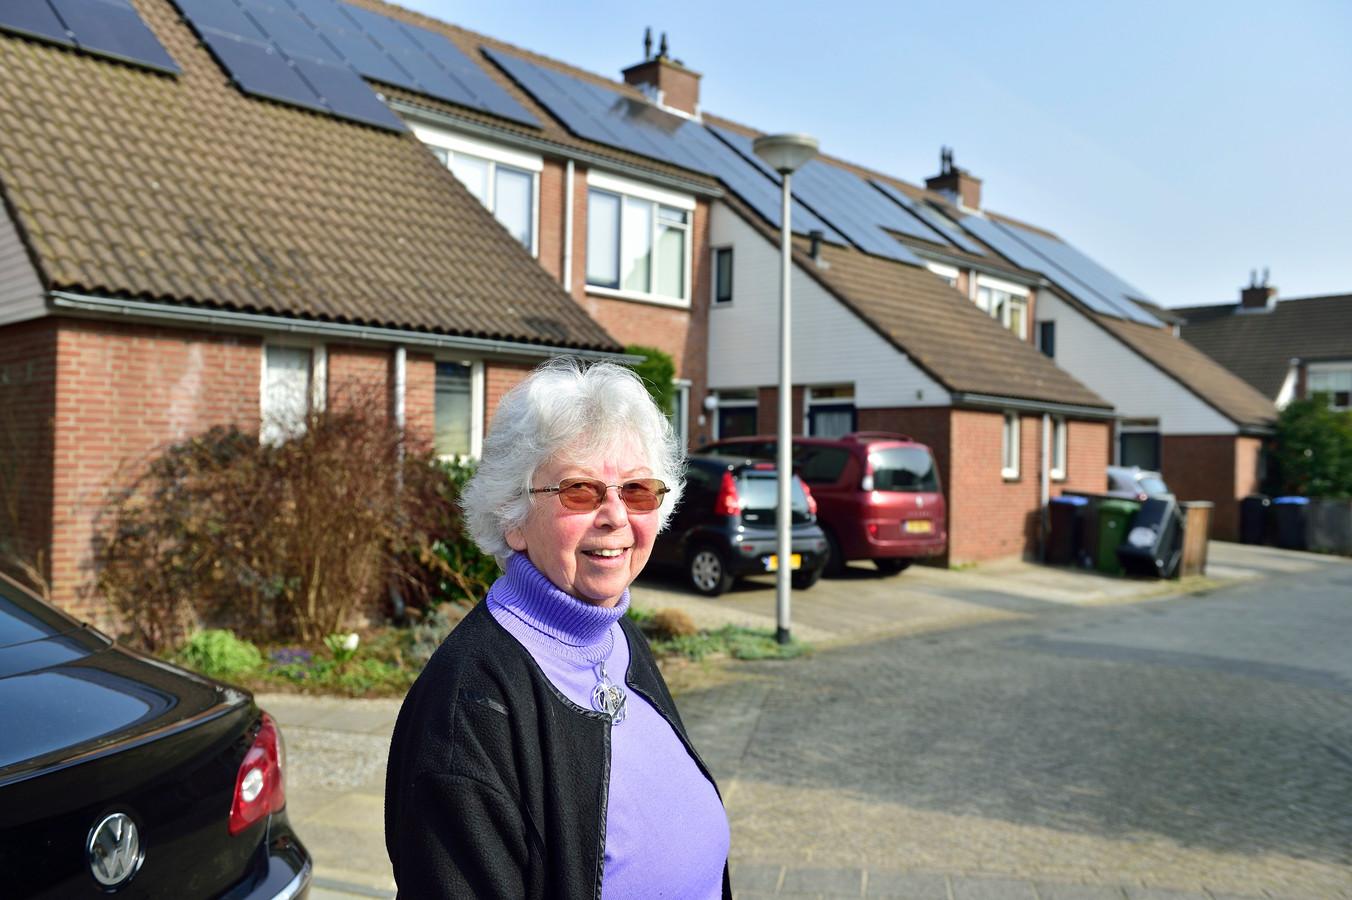 Bewoners van de Jumelagebuurt voeren actie tegen de huurverhoging van hun vrije-sectorwoningen. Marjo Rademakers (80) is een van hen.